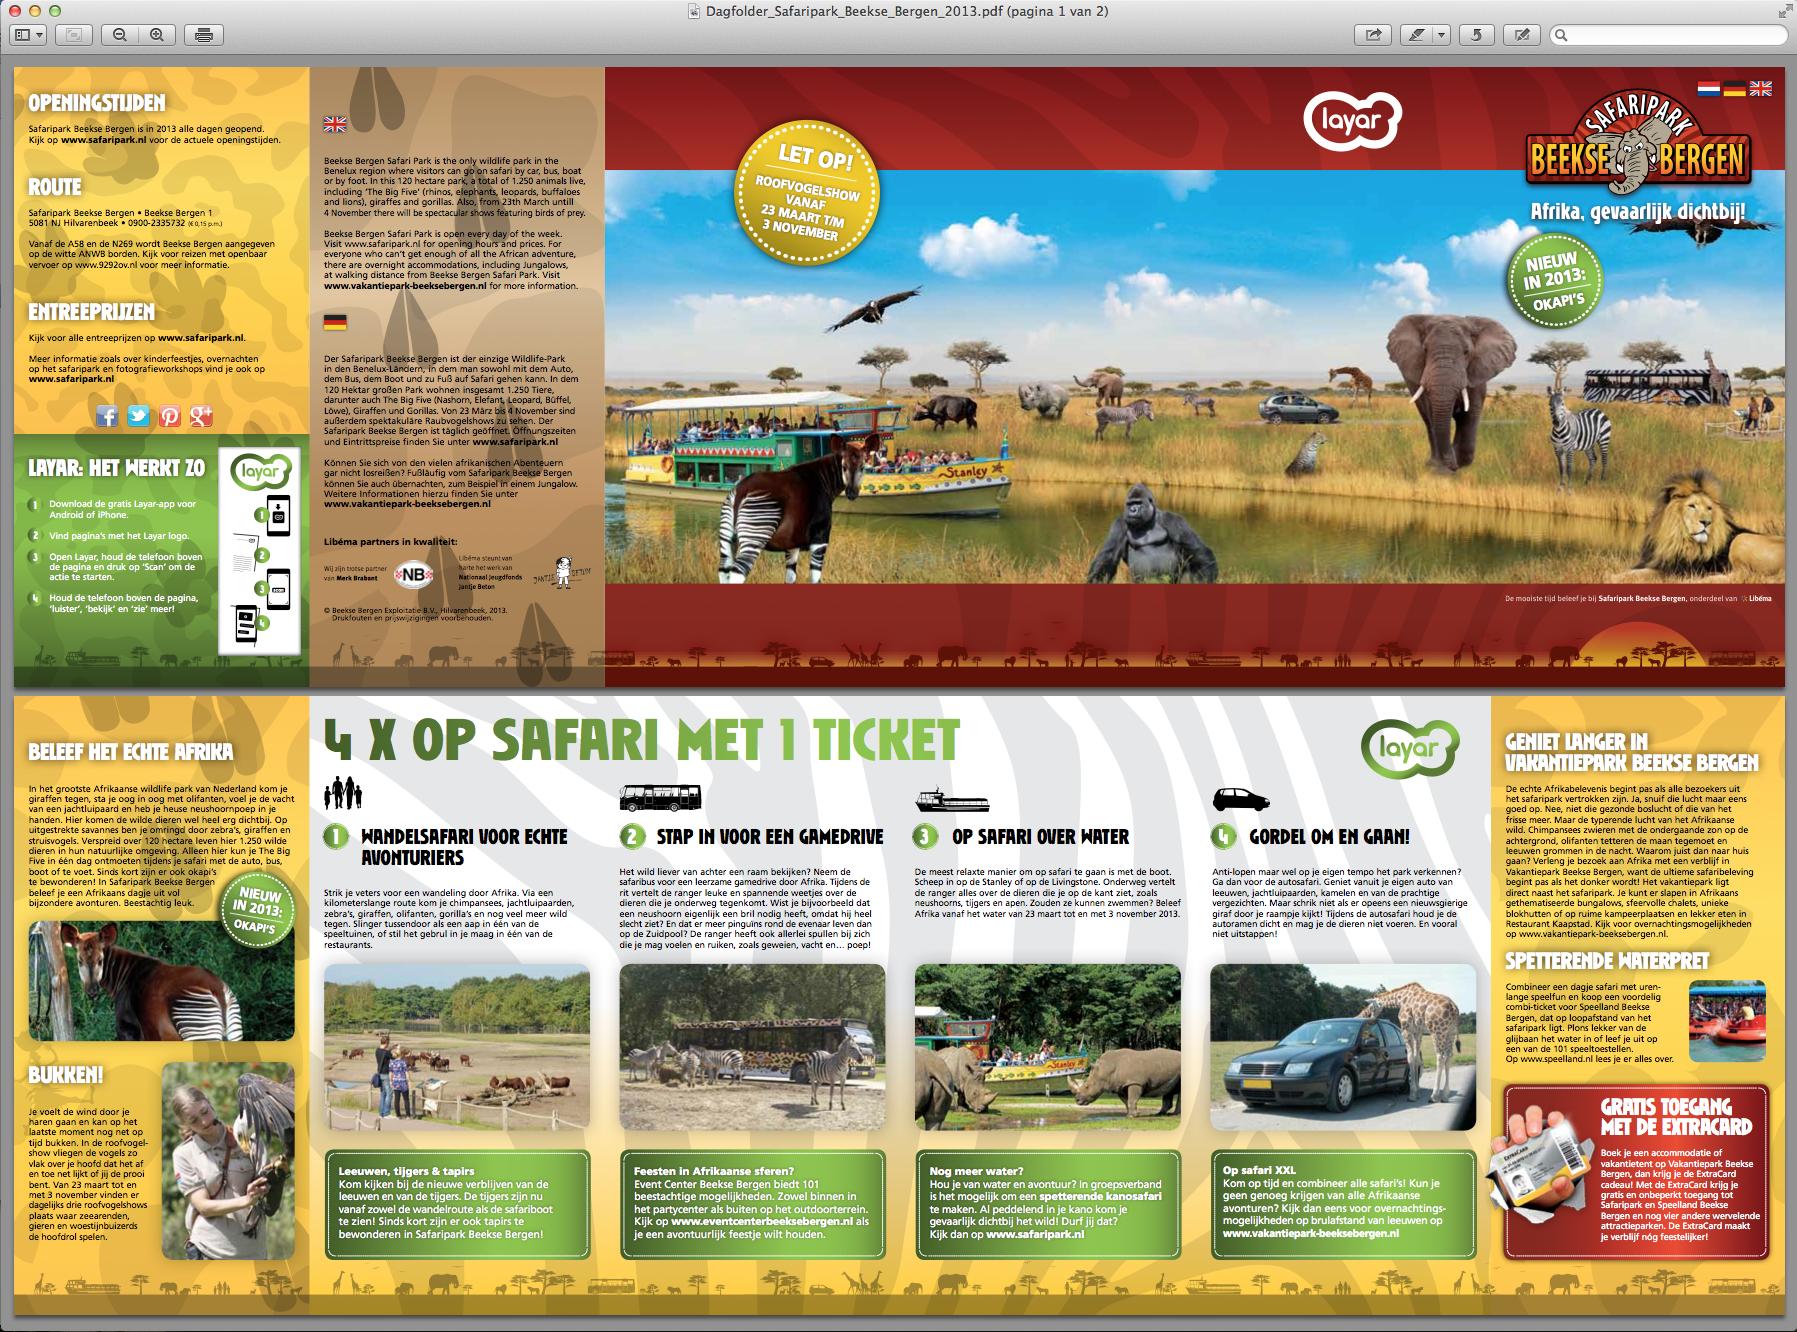 Augmented Reality verwerkt in de dagfolder van het Safaripark Beekse Bergen. Scan de afbeelding met Layar en ontdek Afrika.